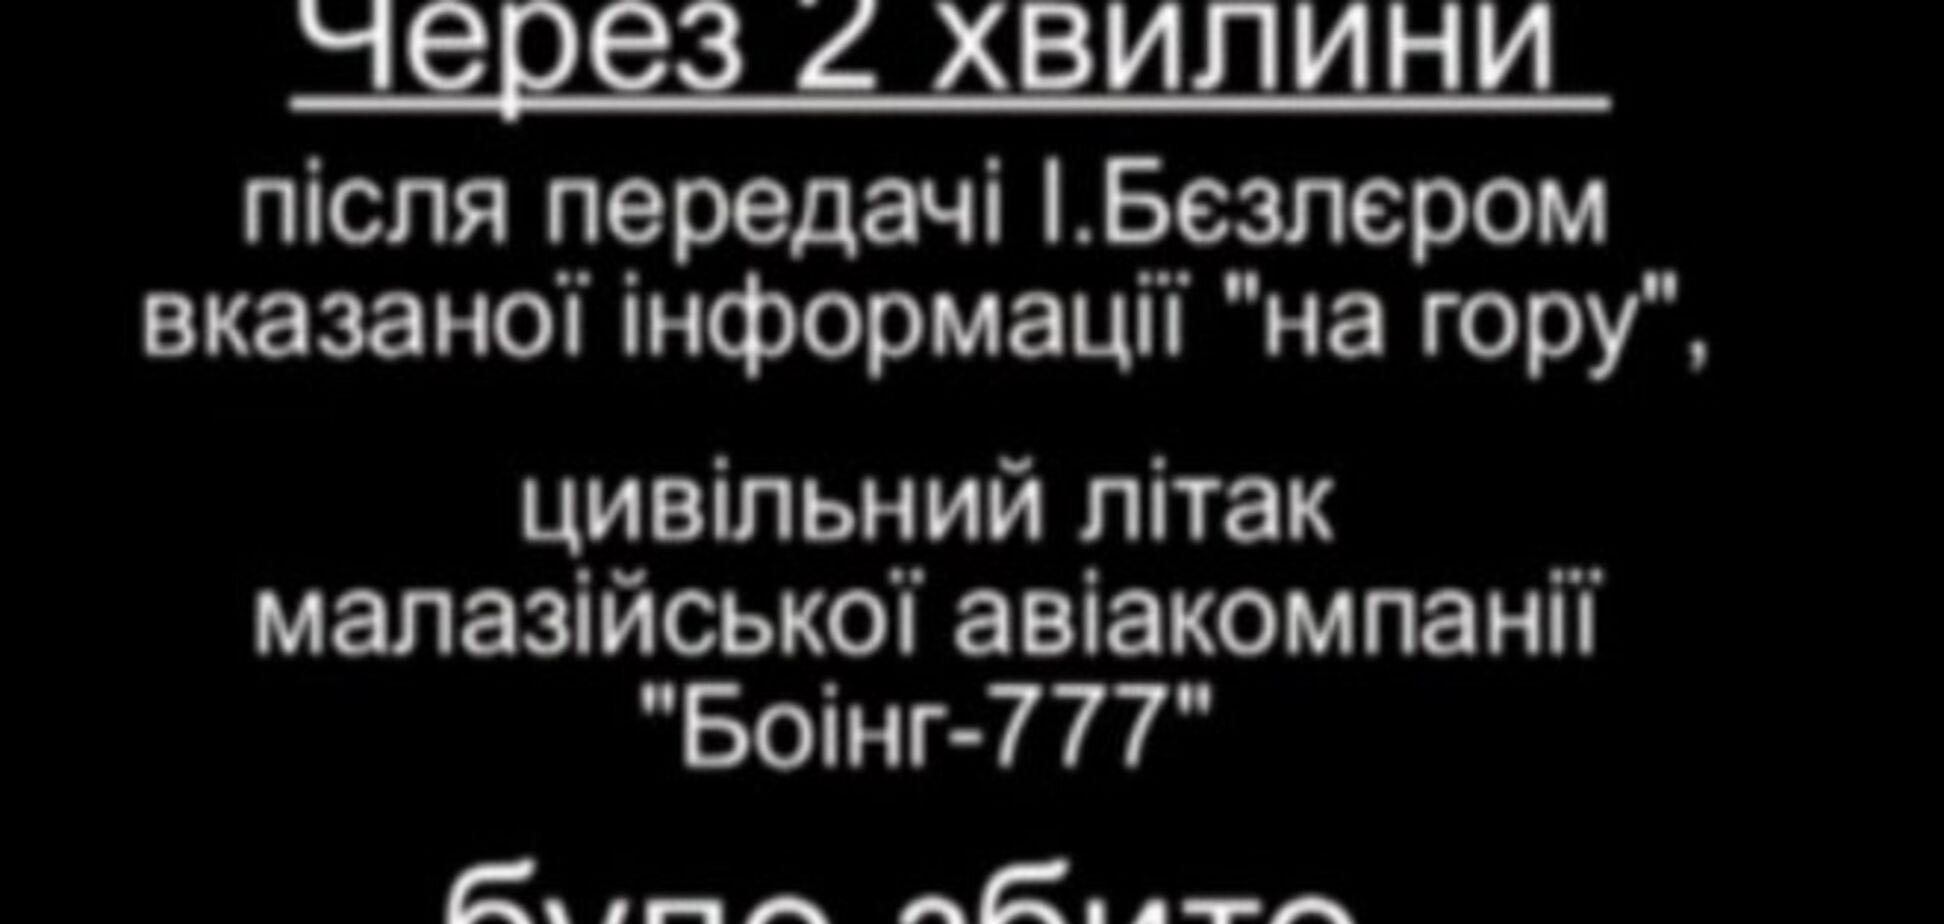 СБУ обнародовала доказательства причастности члена ГРУ РФ Безлера к крушению  Boeing-777